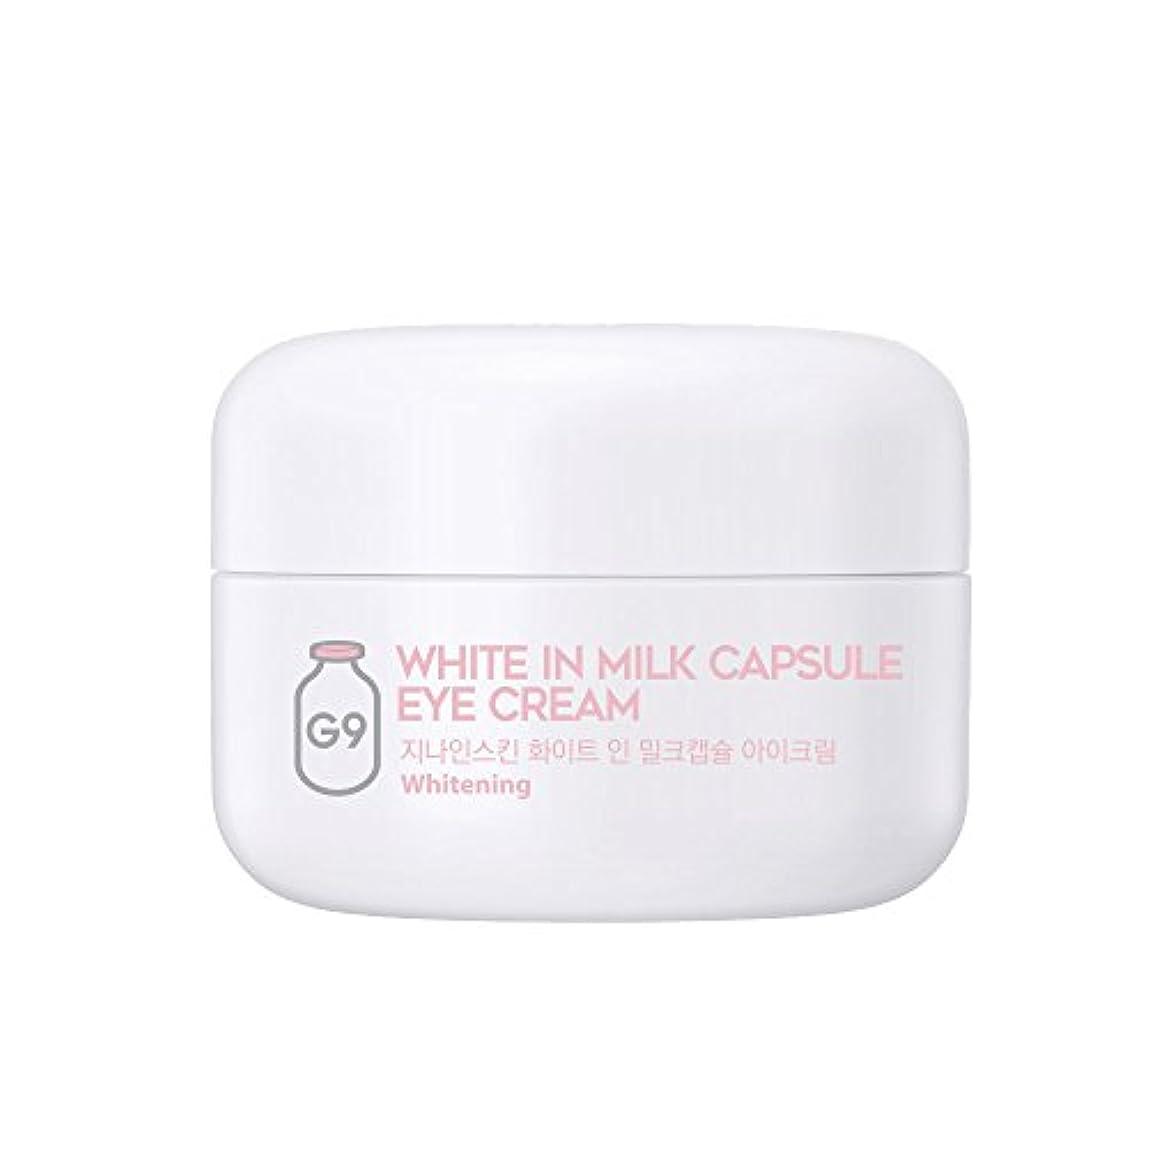 今日在庫ミリメートルG9SKIN(ベリサム) White In Milk Capsule Eye Cream ホワイトインミルクカプセルアイクリーム 30g